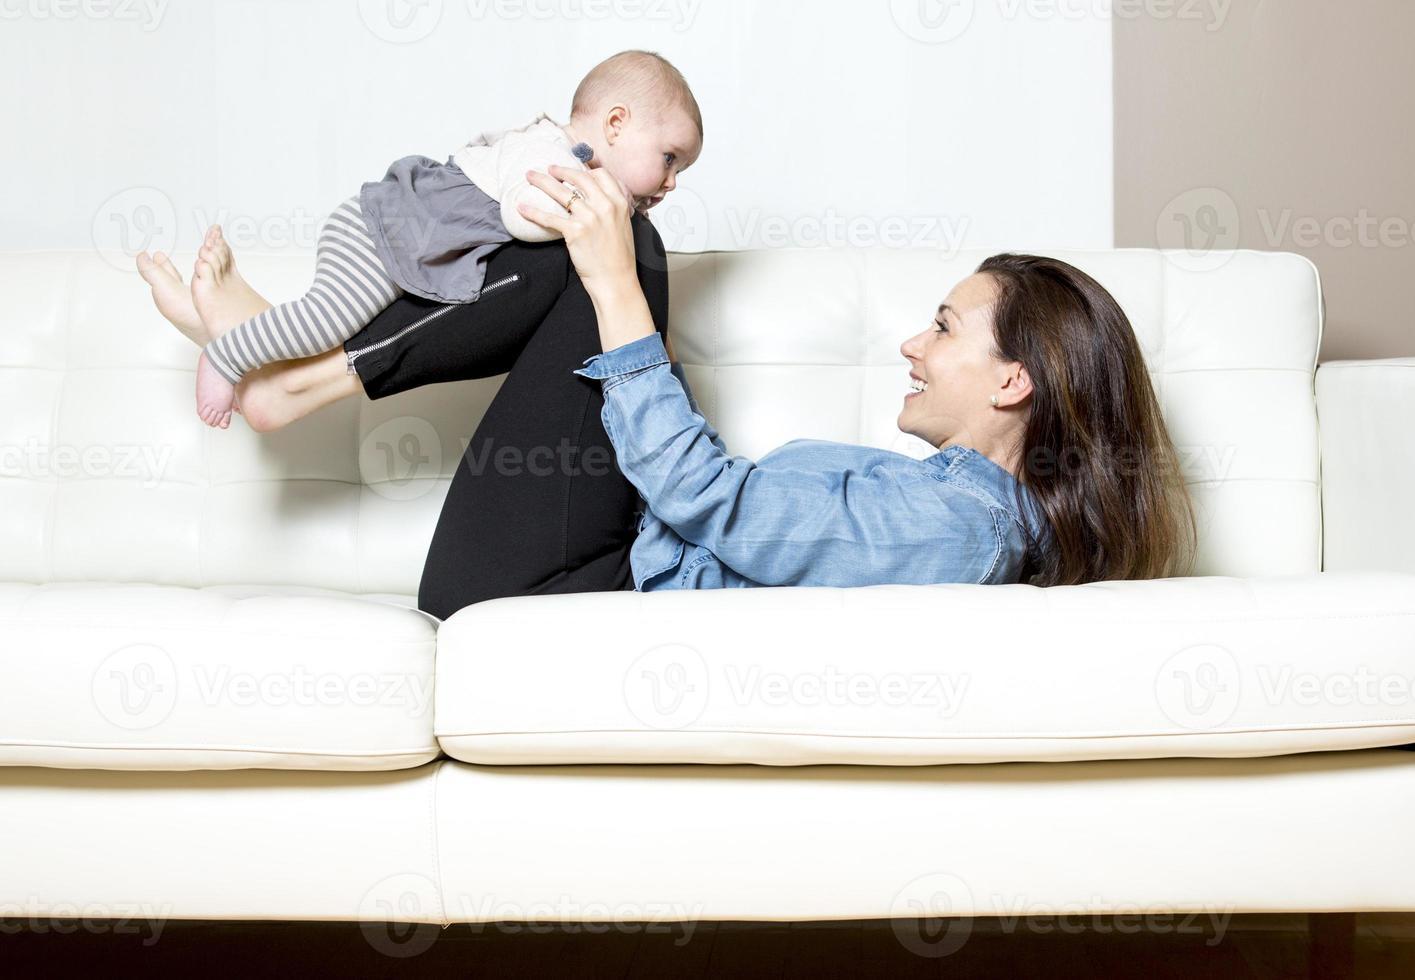 Mutter mit Baby auf dem Sofa nimmt sich Zeit foto